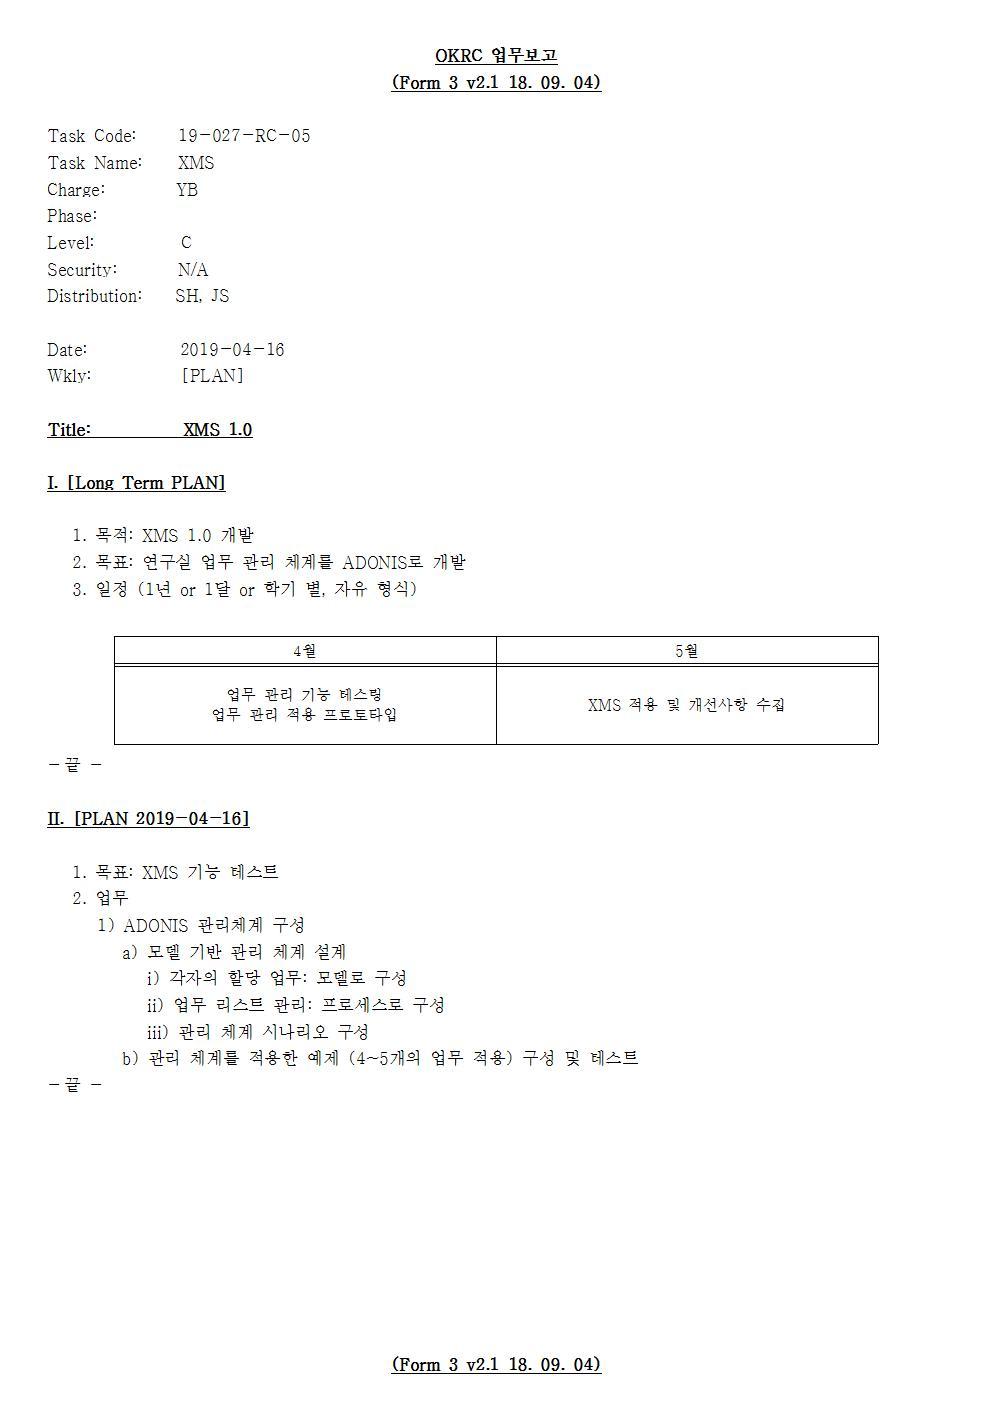 D-[19-027-RC-05]-[XMS]-[2019-04-16][YB]001.jpg